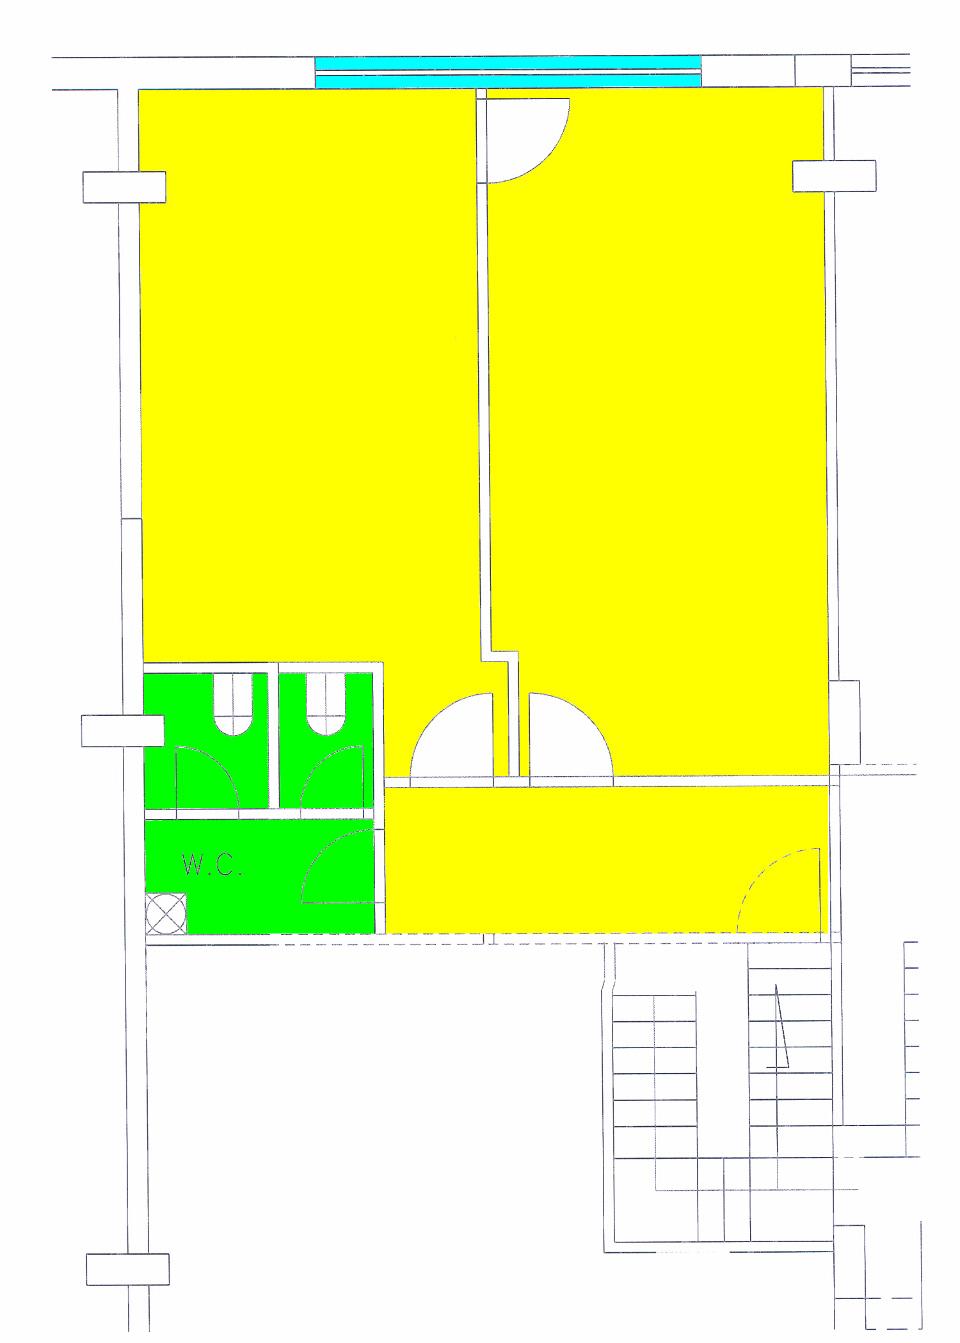 Affitto ufficio arredato bivani parcheggi All Inclusive euro 299